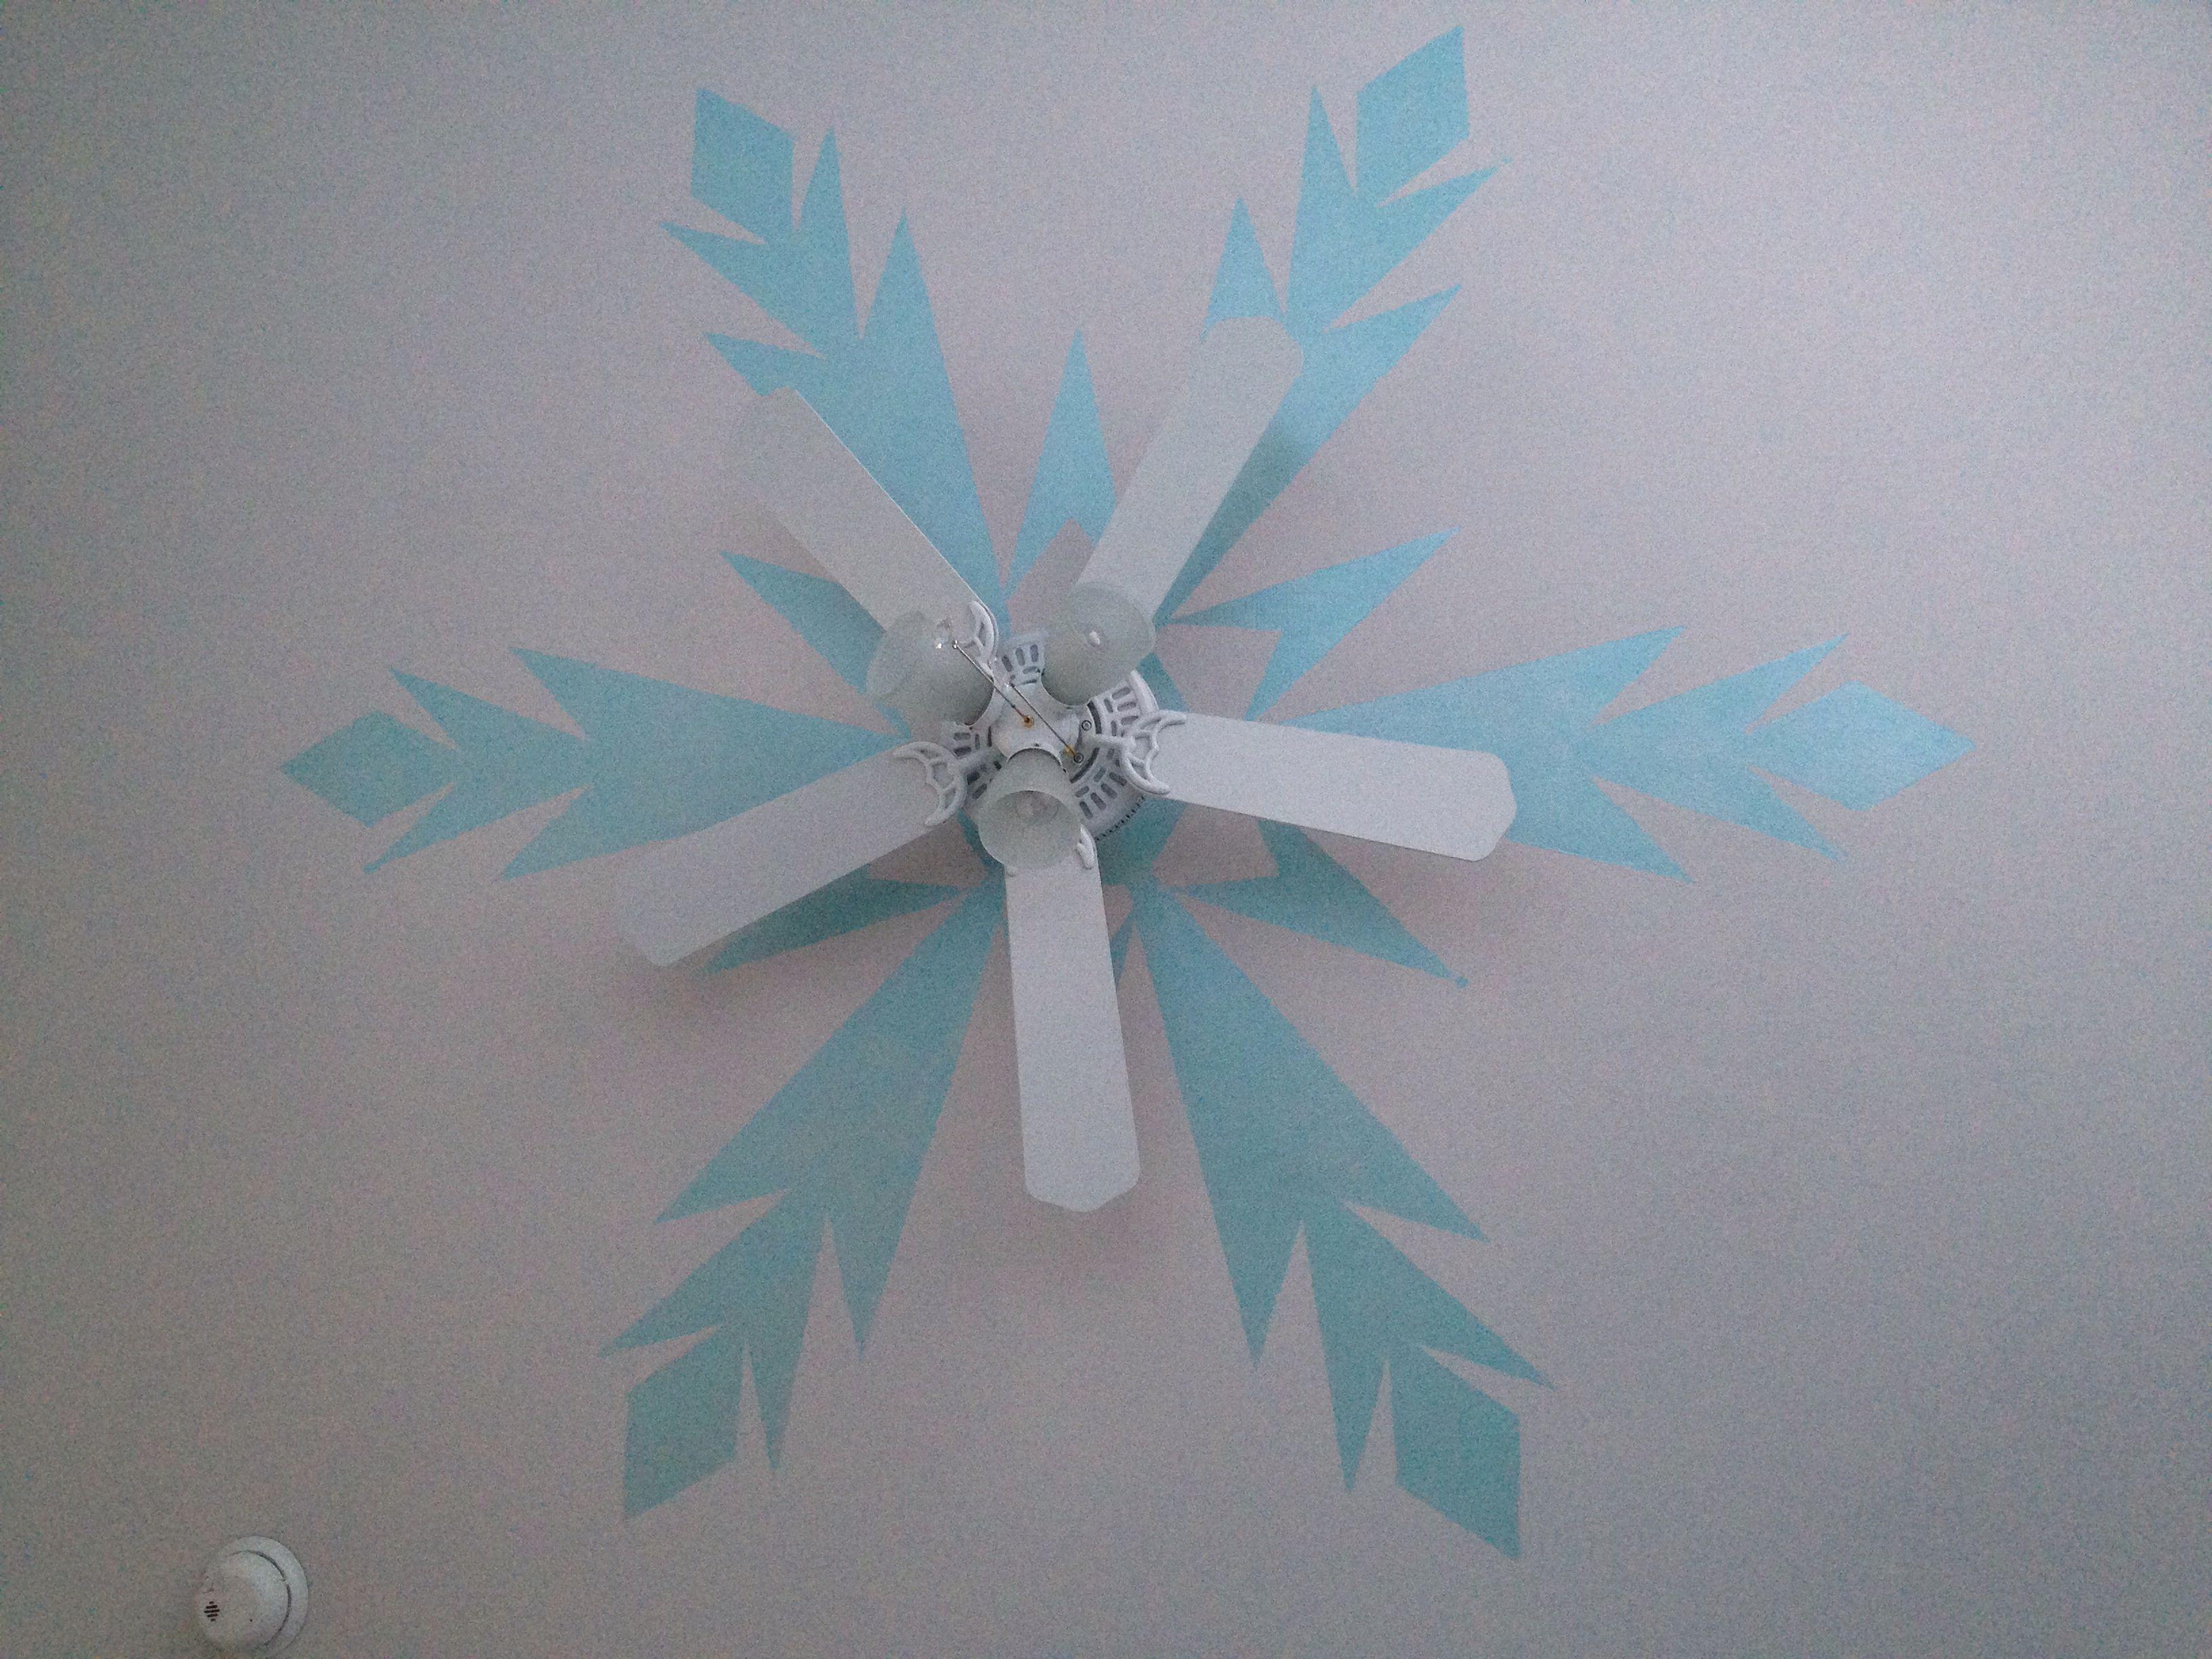 Frozen Ceiling Fan